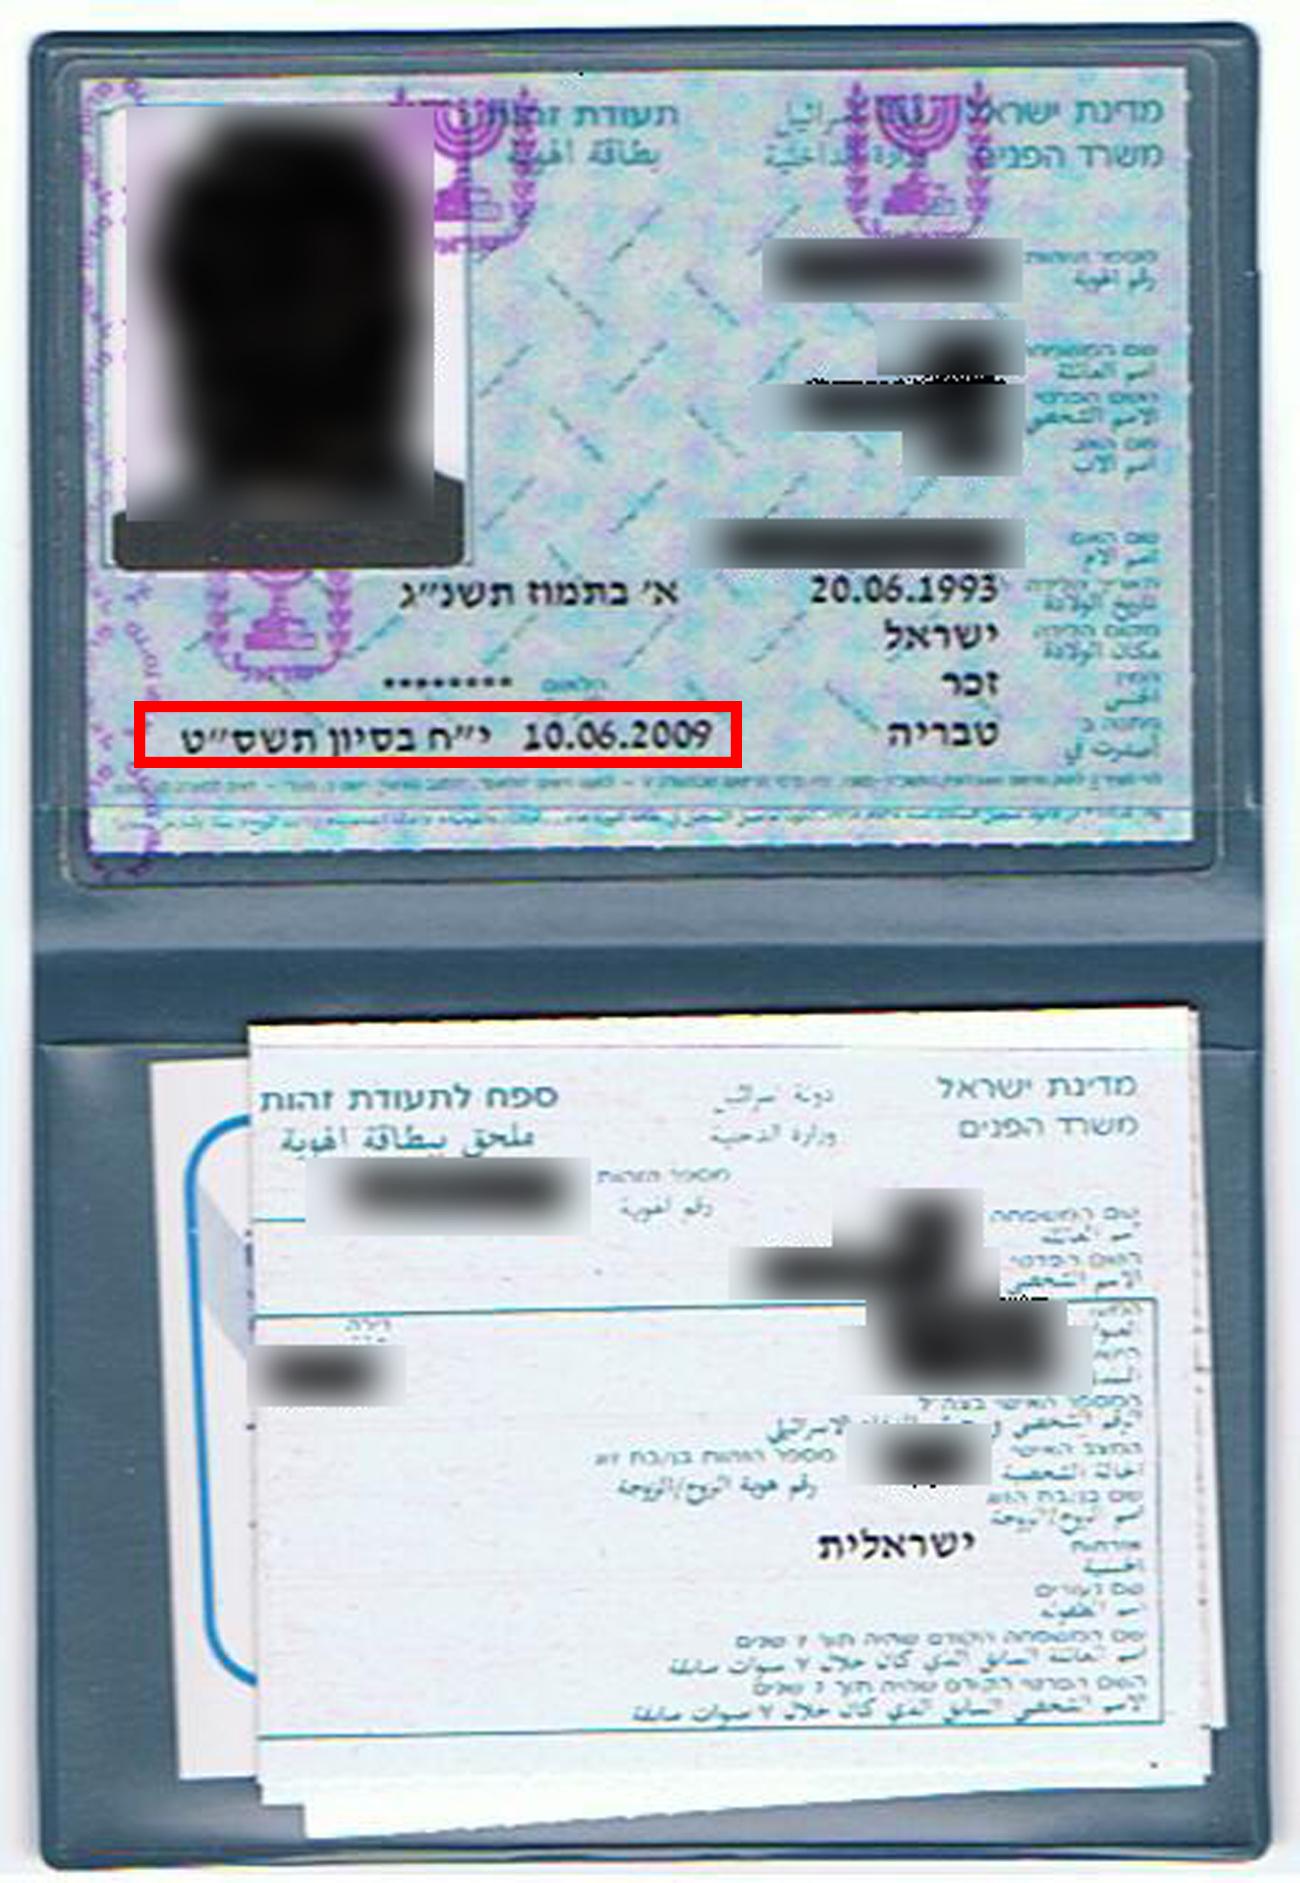 תאריך ההנפקה של תעודת הזהות ()